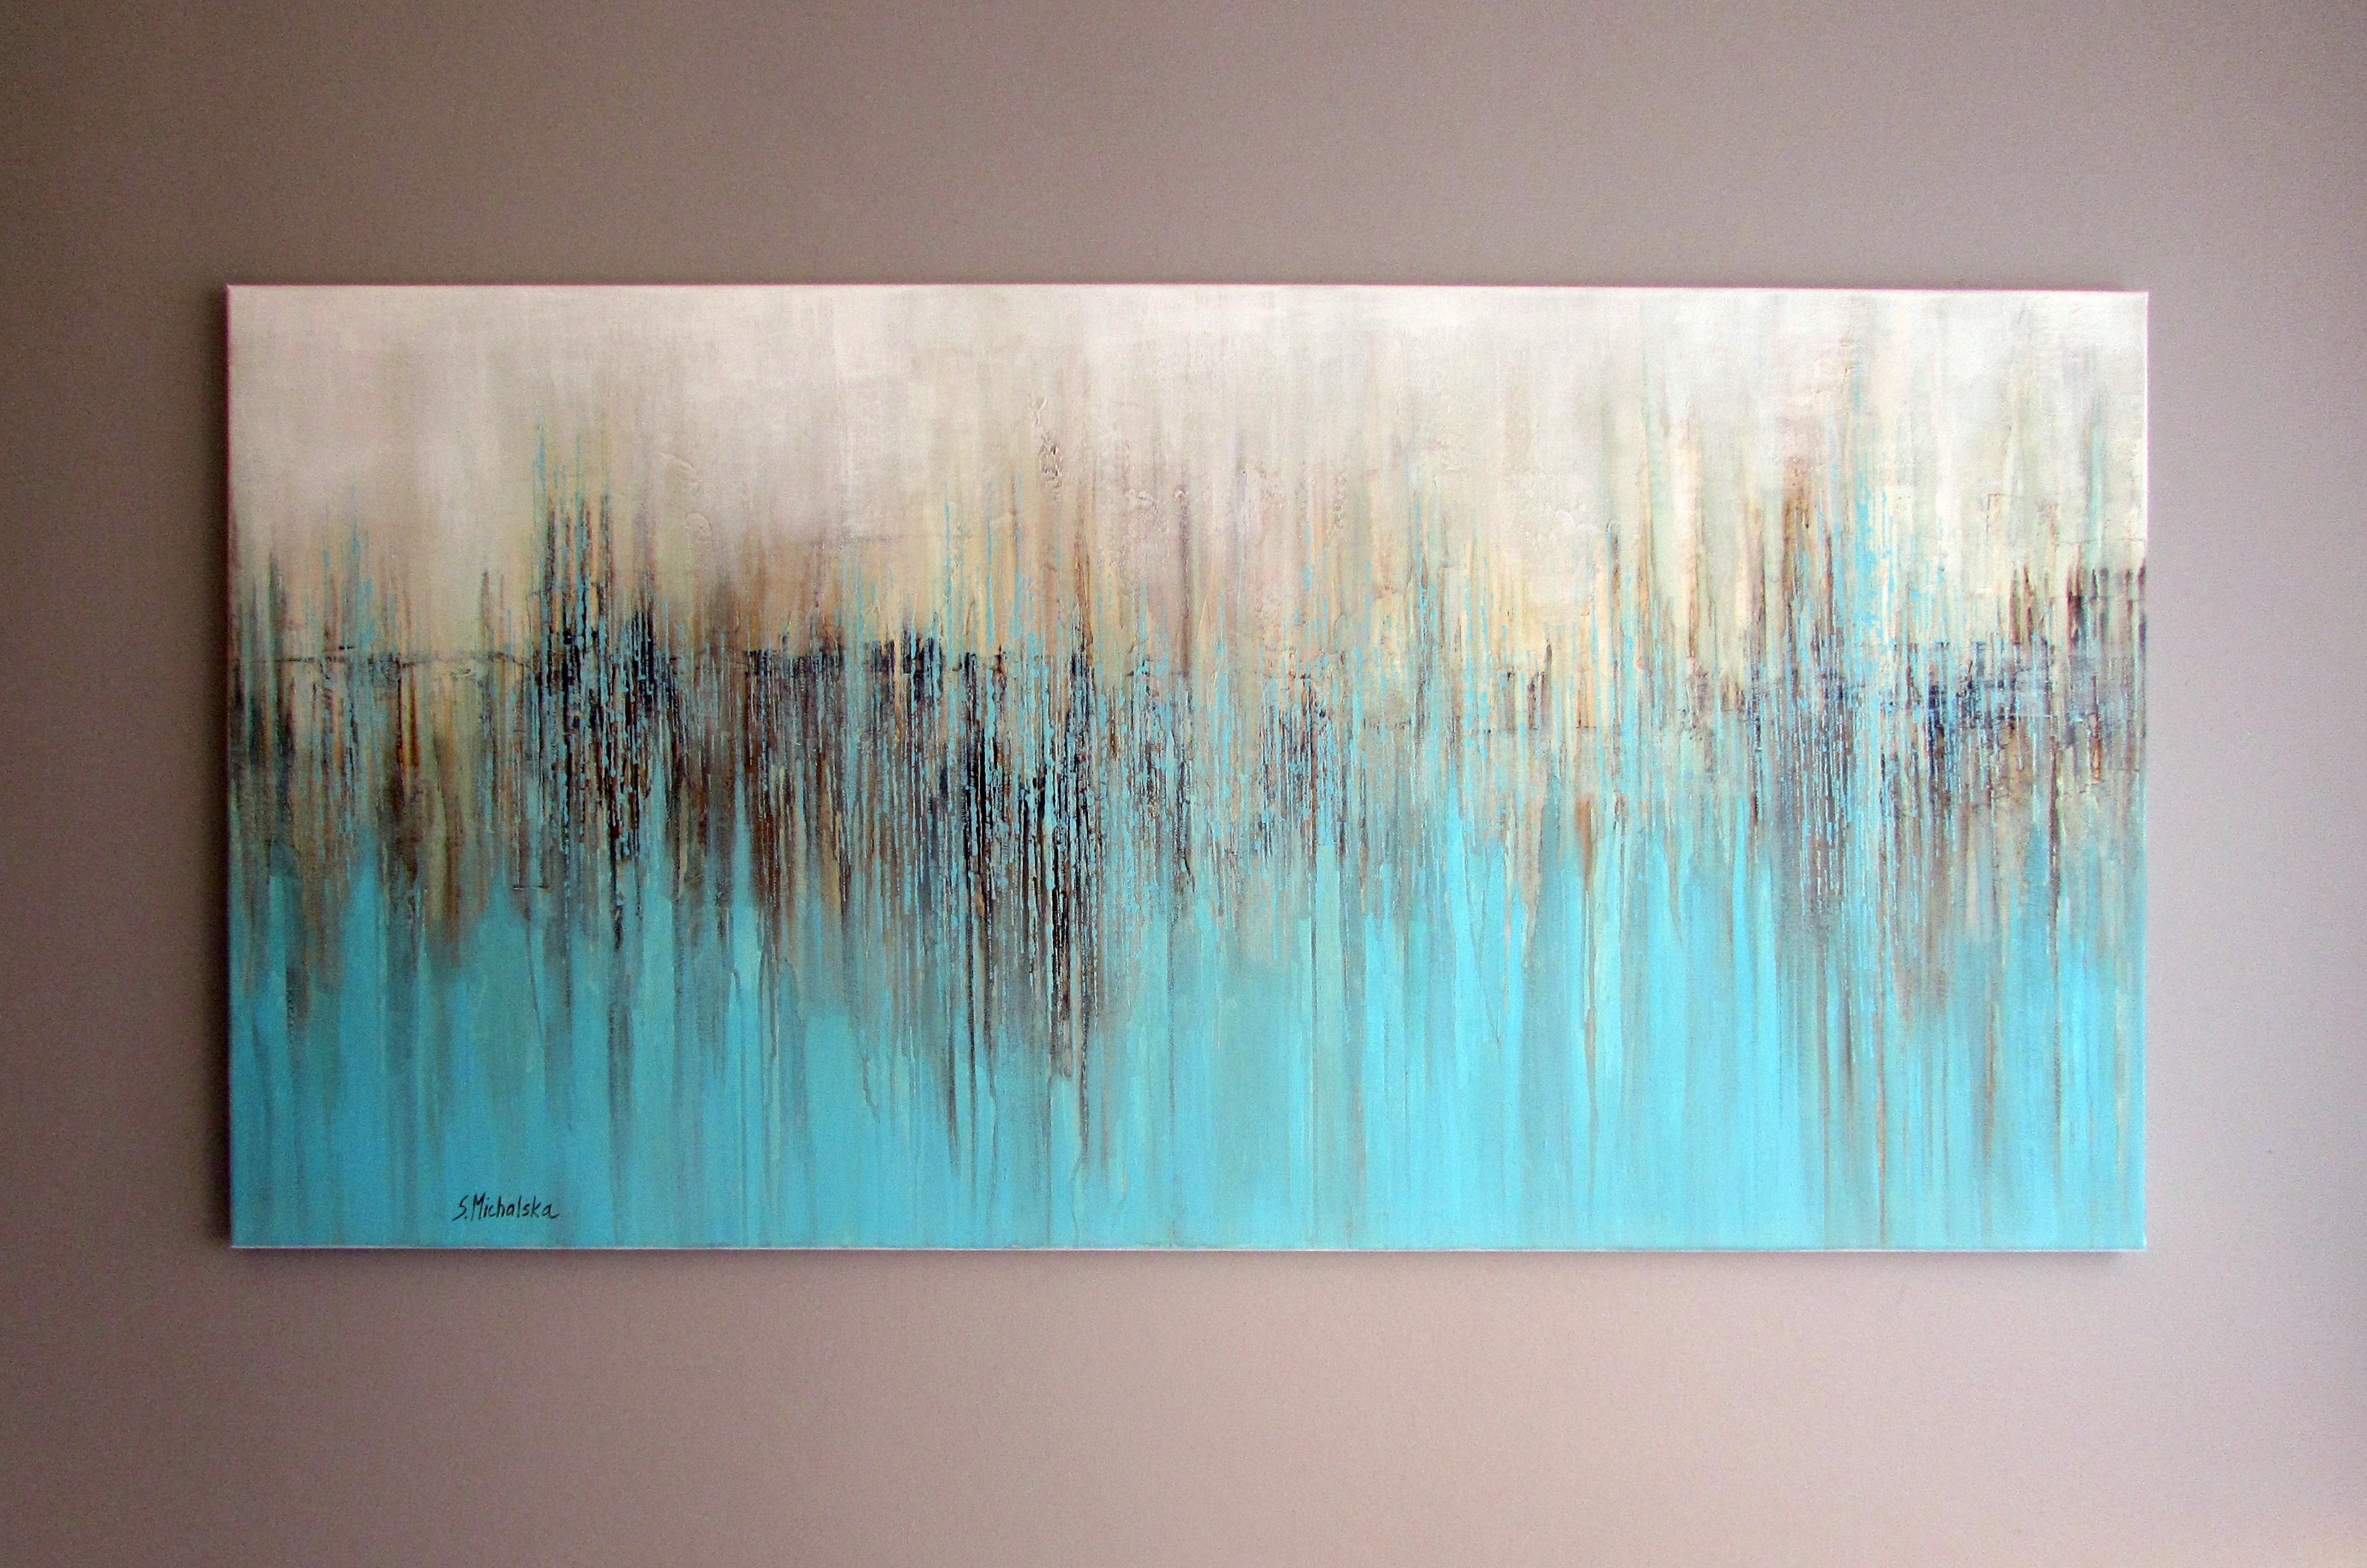 Obrazy Abstrakcyjne Do Salonu Malarstwo Autorskie Sylwia Michalska